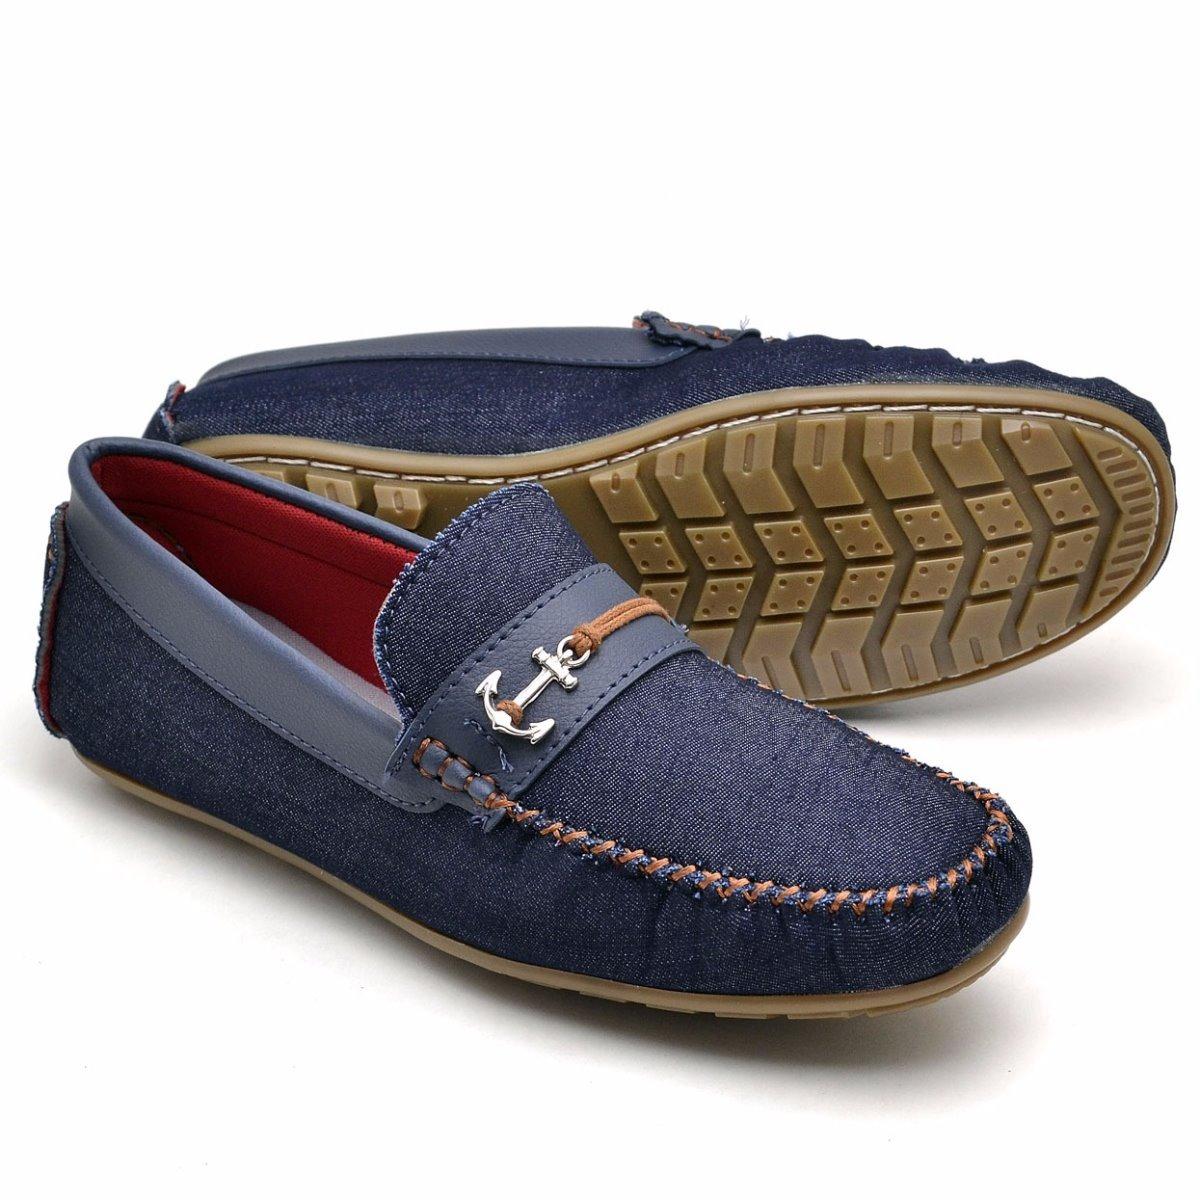 d4fc0365429 sapato mocassim masculino couro legítimo social confort novo. Carregando  zoom.